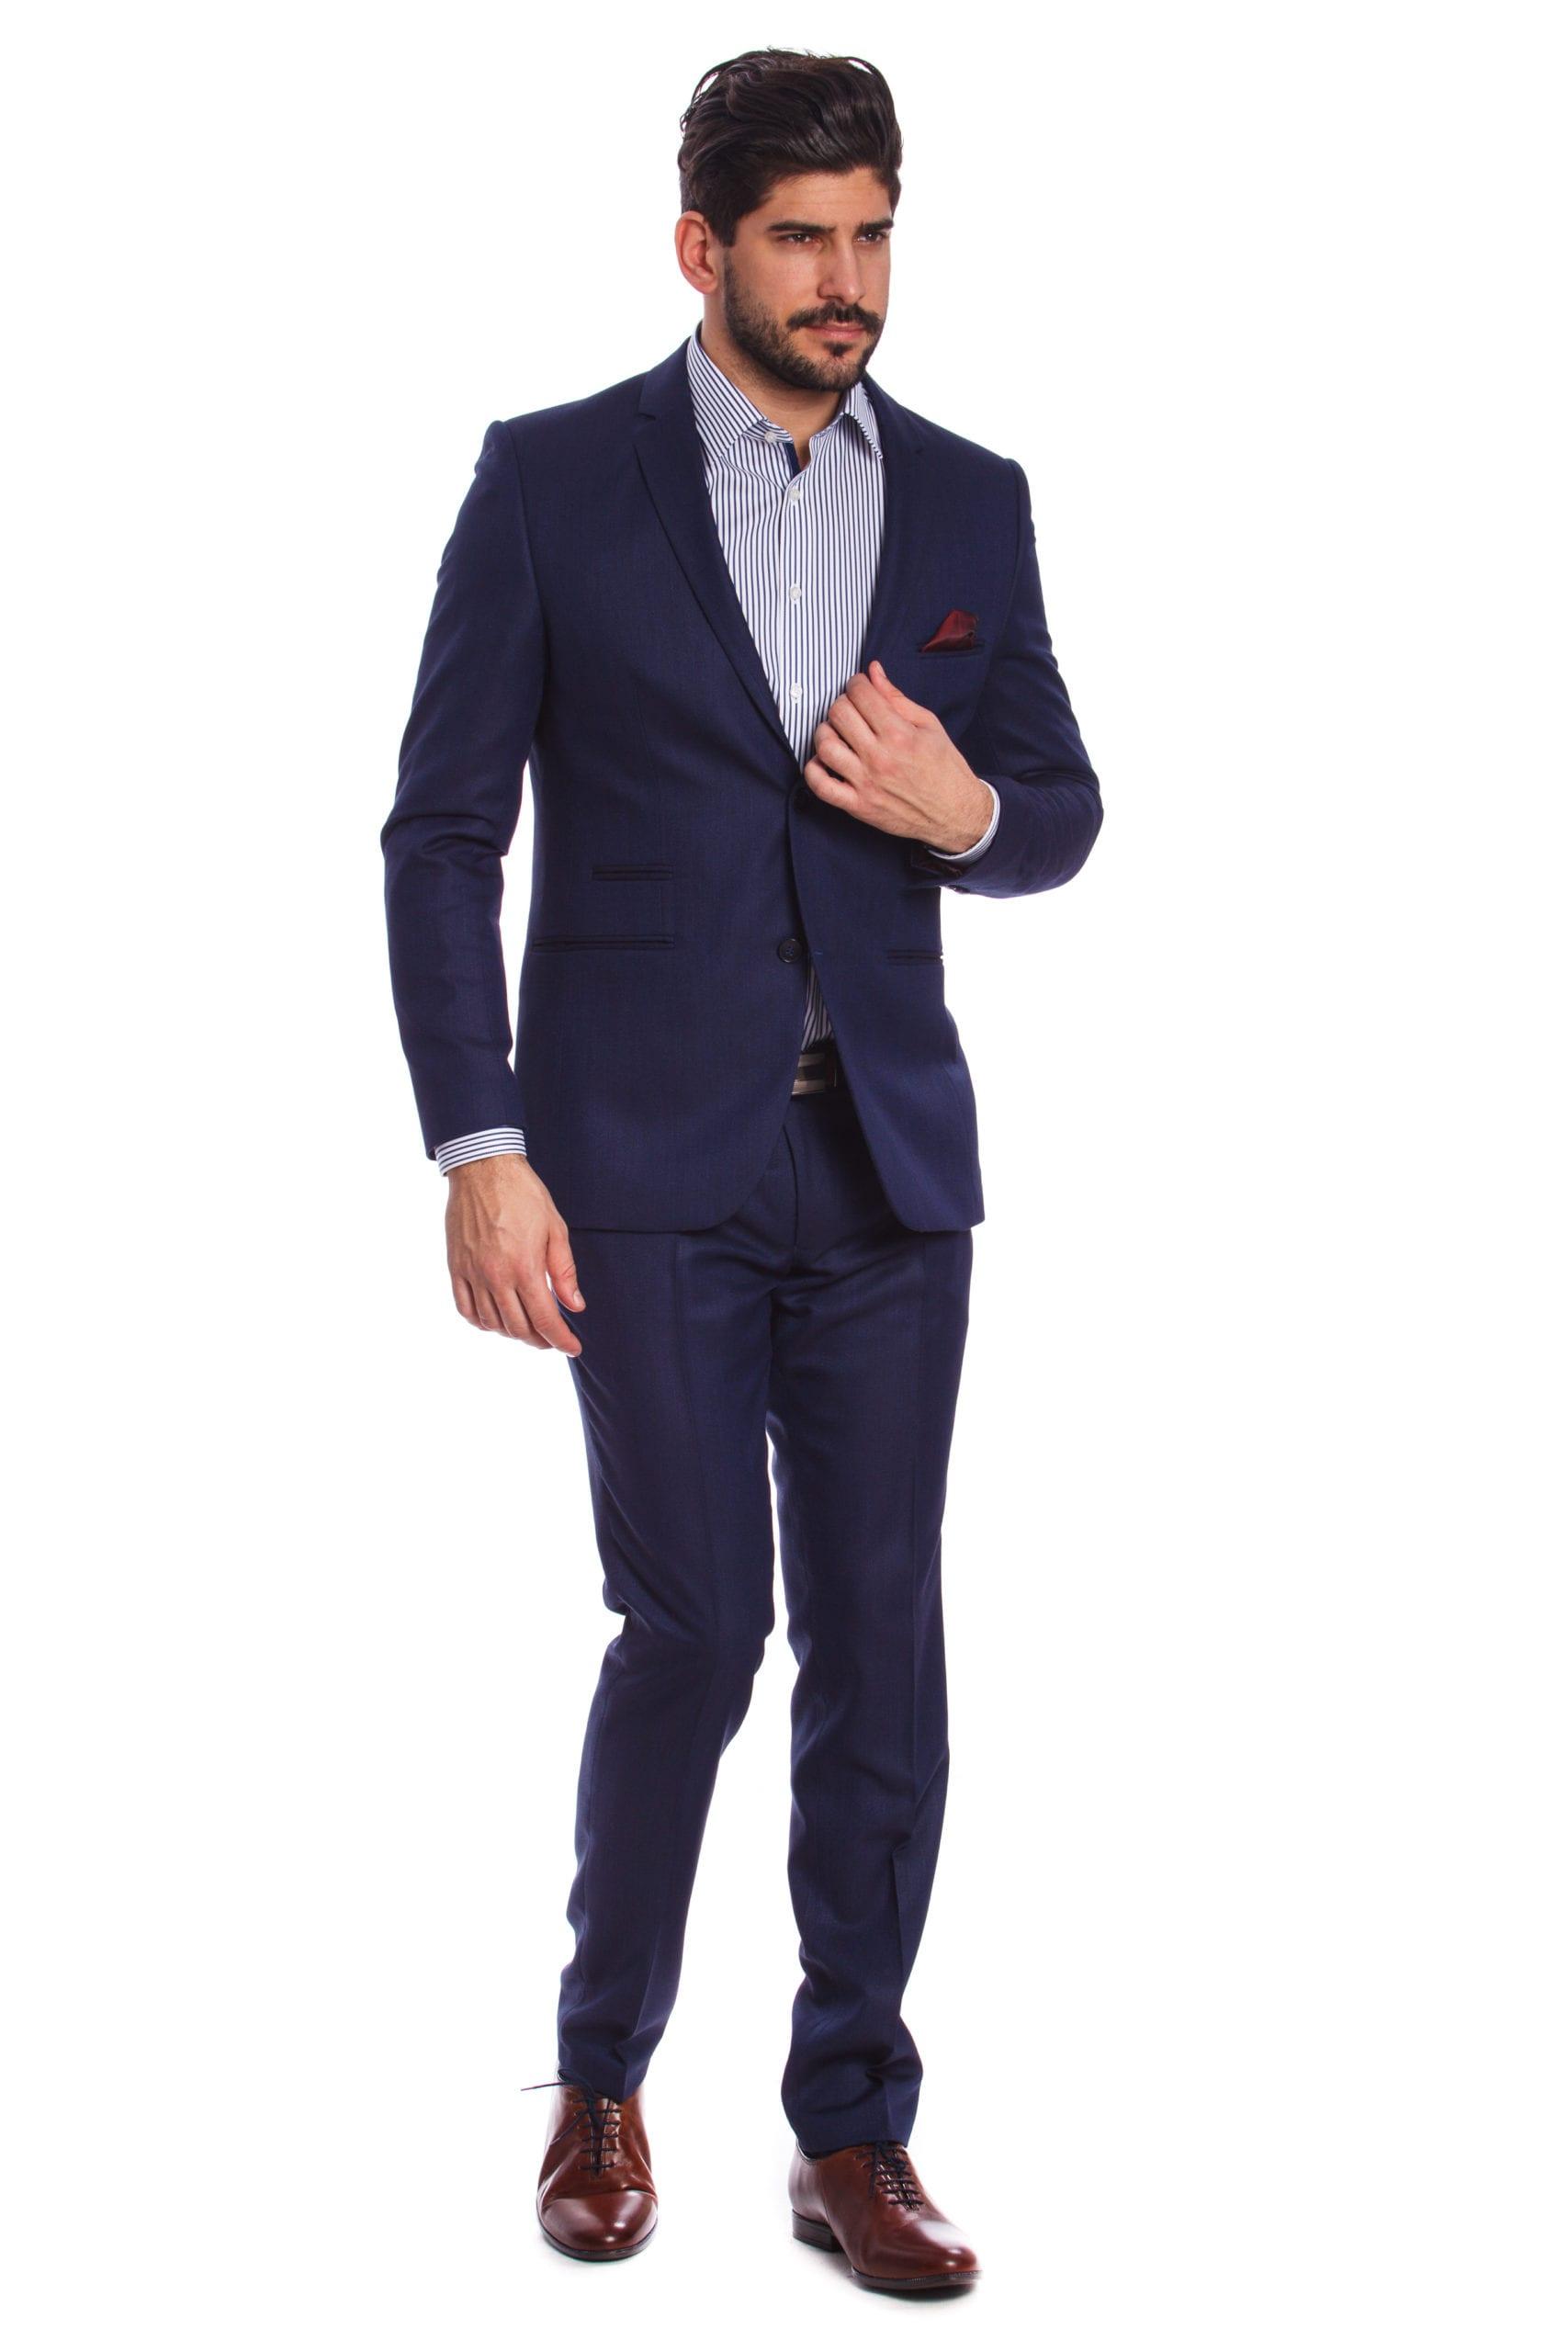 9b7d83c105 Matera Kék Slim Fit Öltöny - Elite Fashion Öltönyház